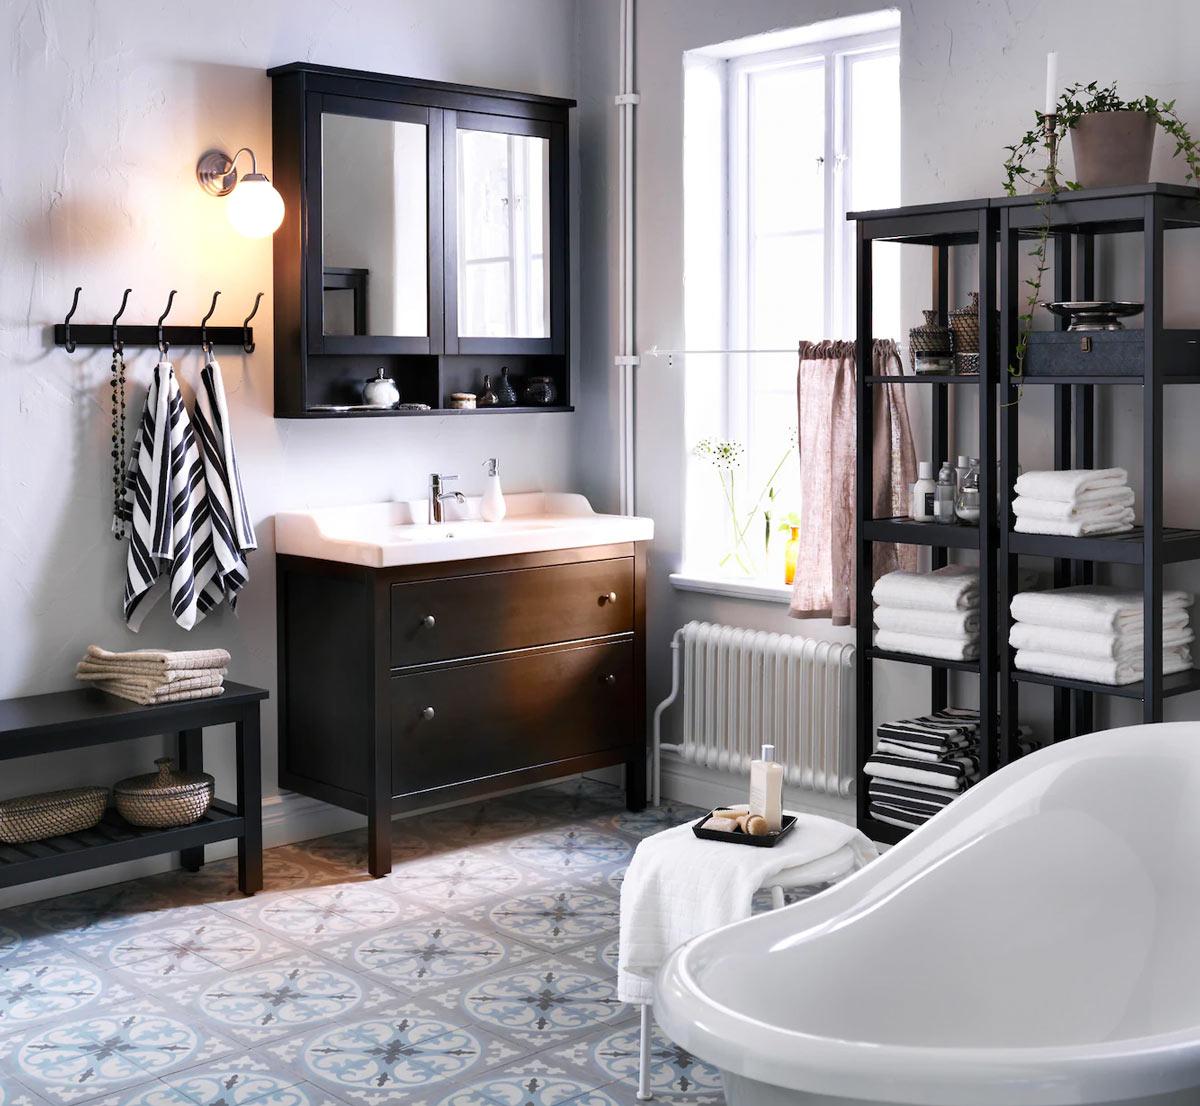 Pied Meuble Salle De Bain Ikea envie d'une salle de bains ikea? les nouveautés 2020 sont là